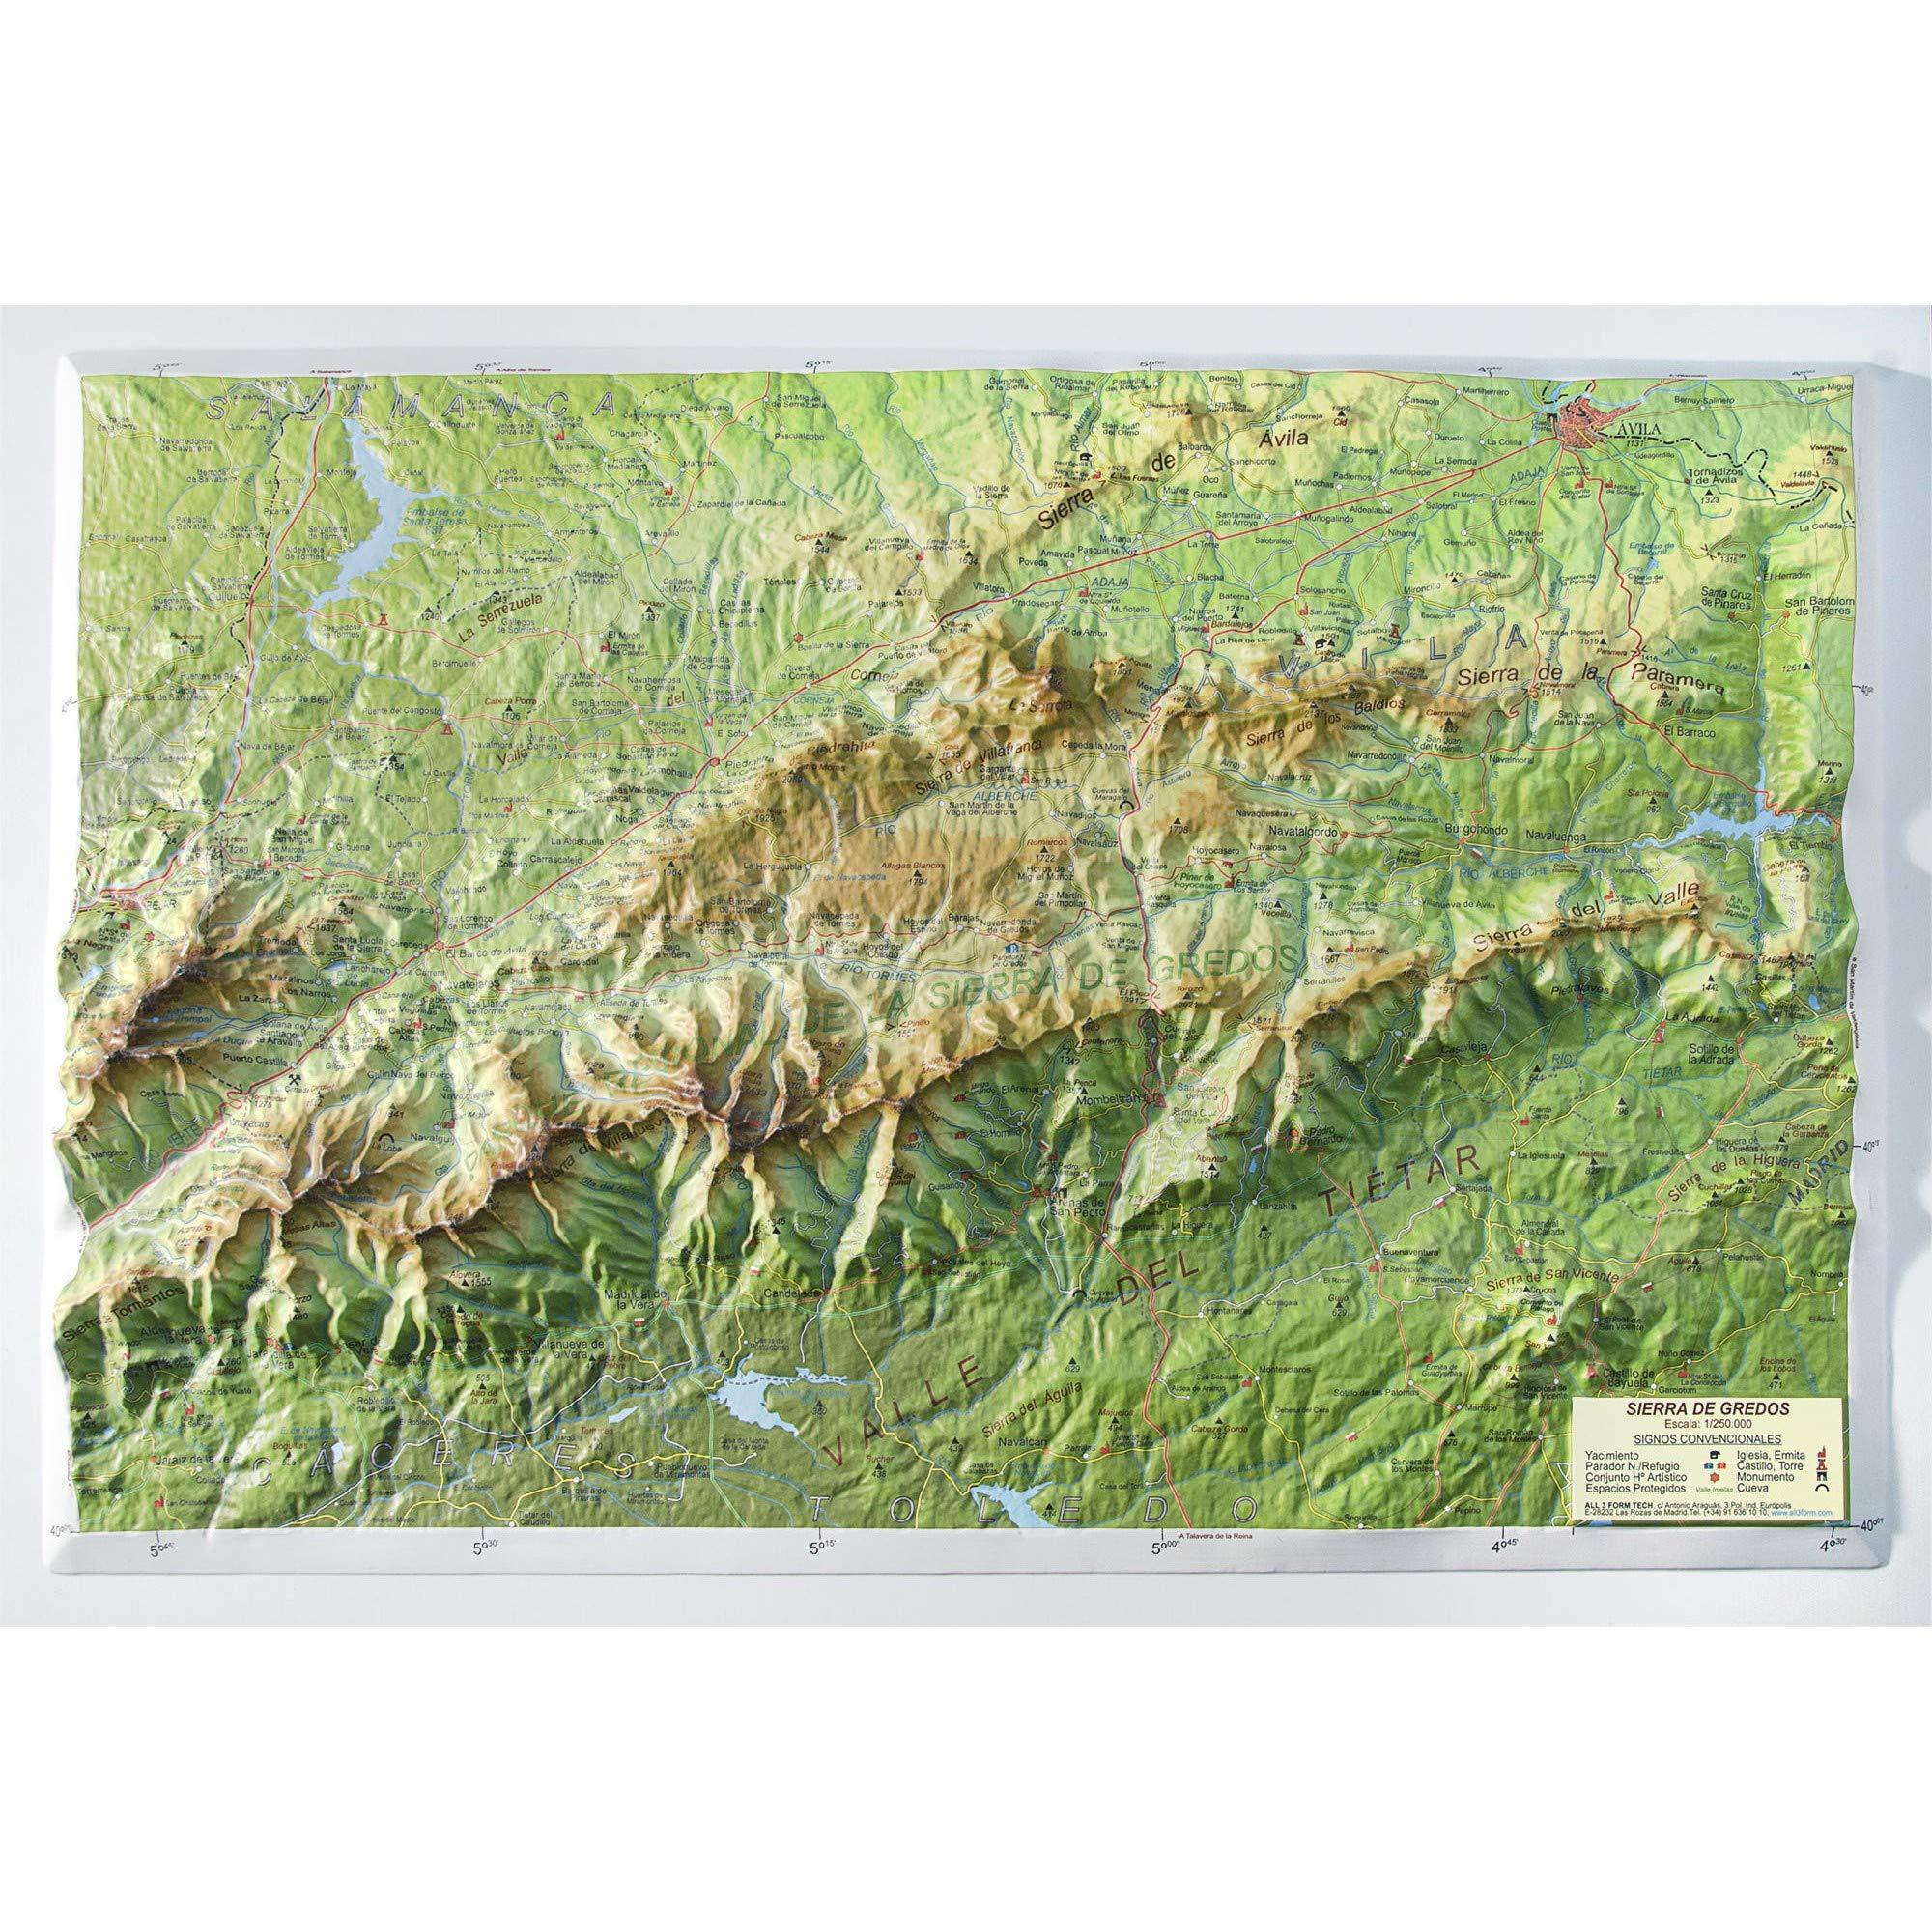 Mapa en relieve Sierra de Gredos: Escala 1:250.000: Amazon.es: All 3D Form S.L.: Libros